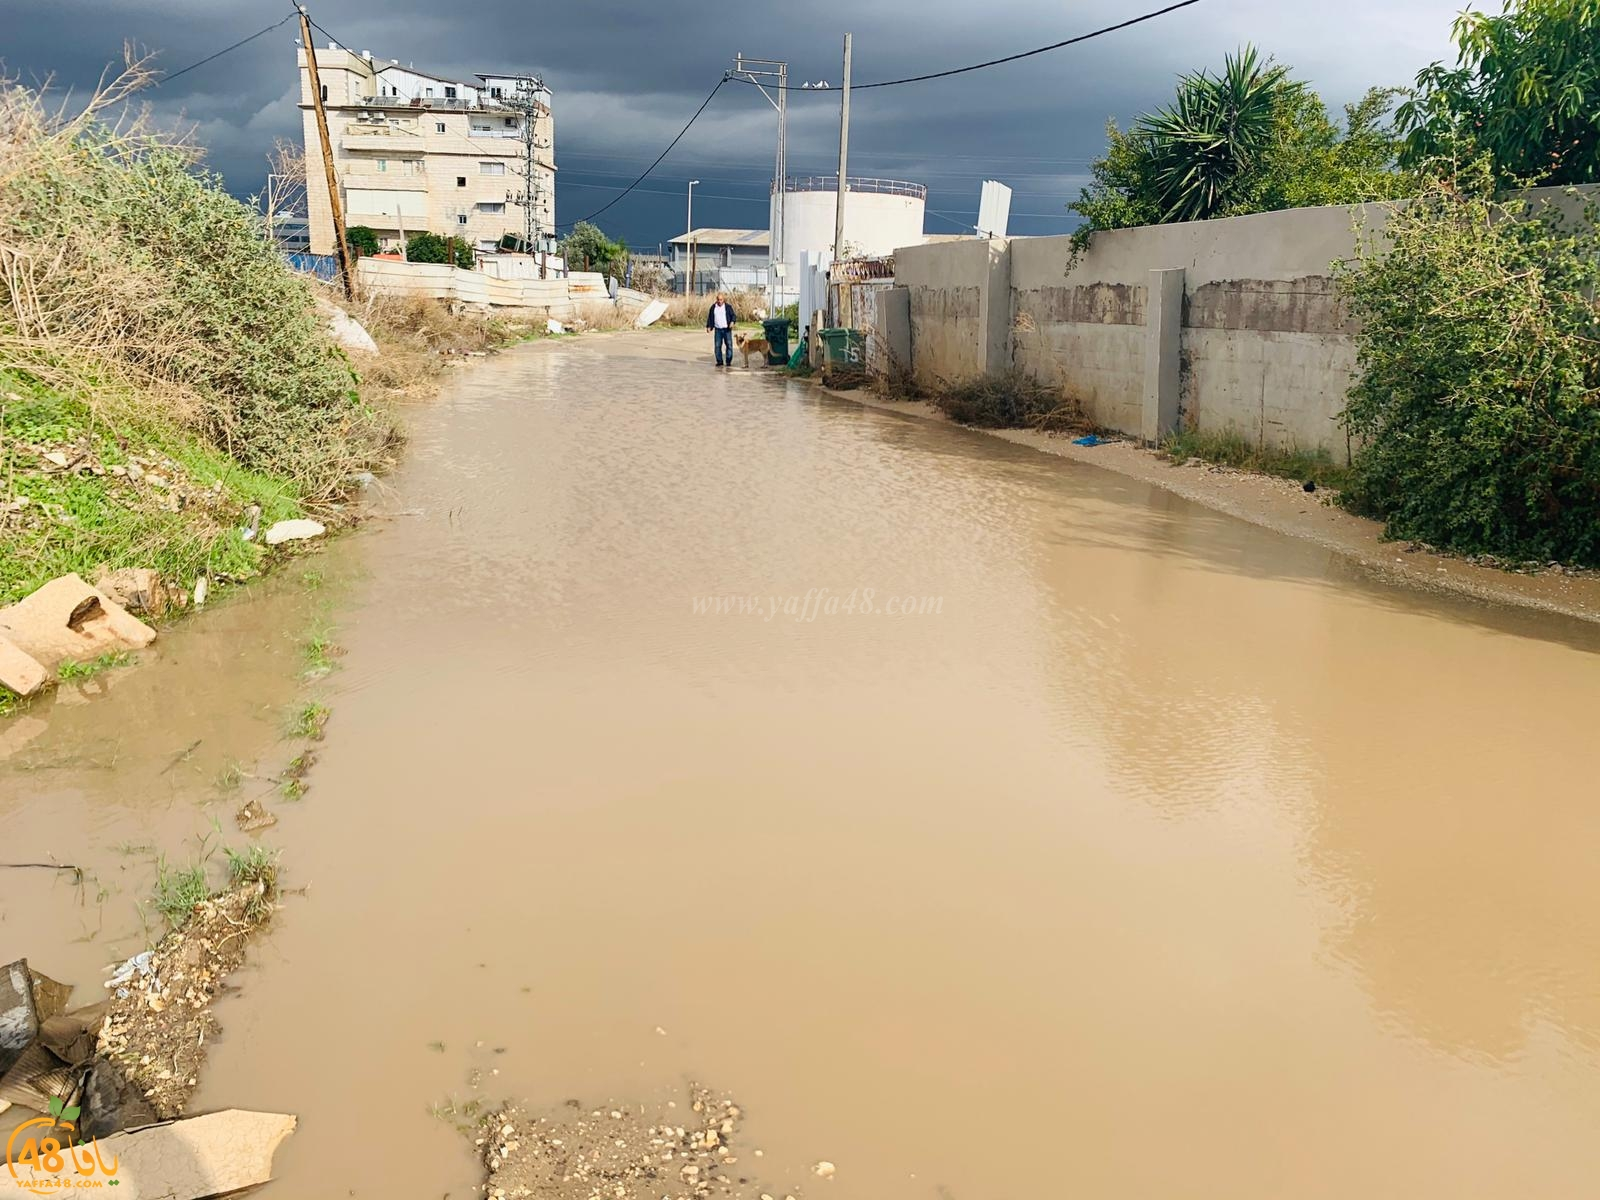 فيديو: الأحياء العربية في اللد محاصرة بالمستنقعات جراء مياه الأمطار